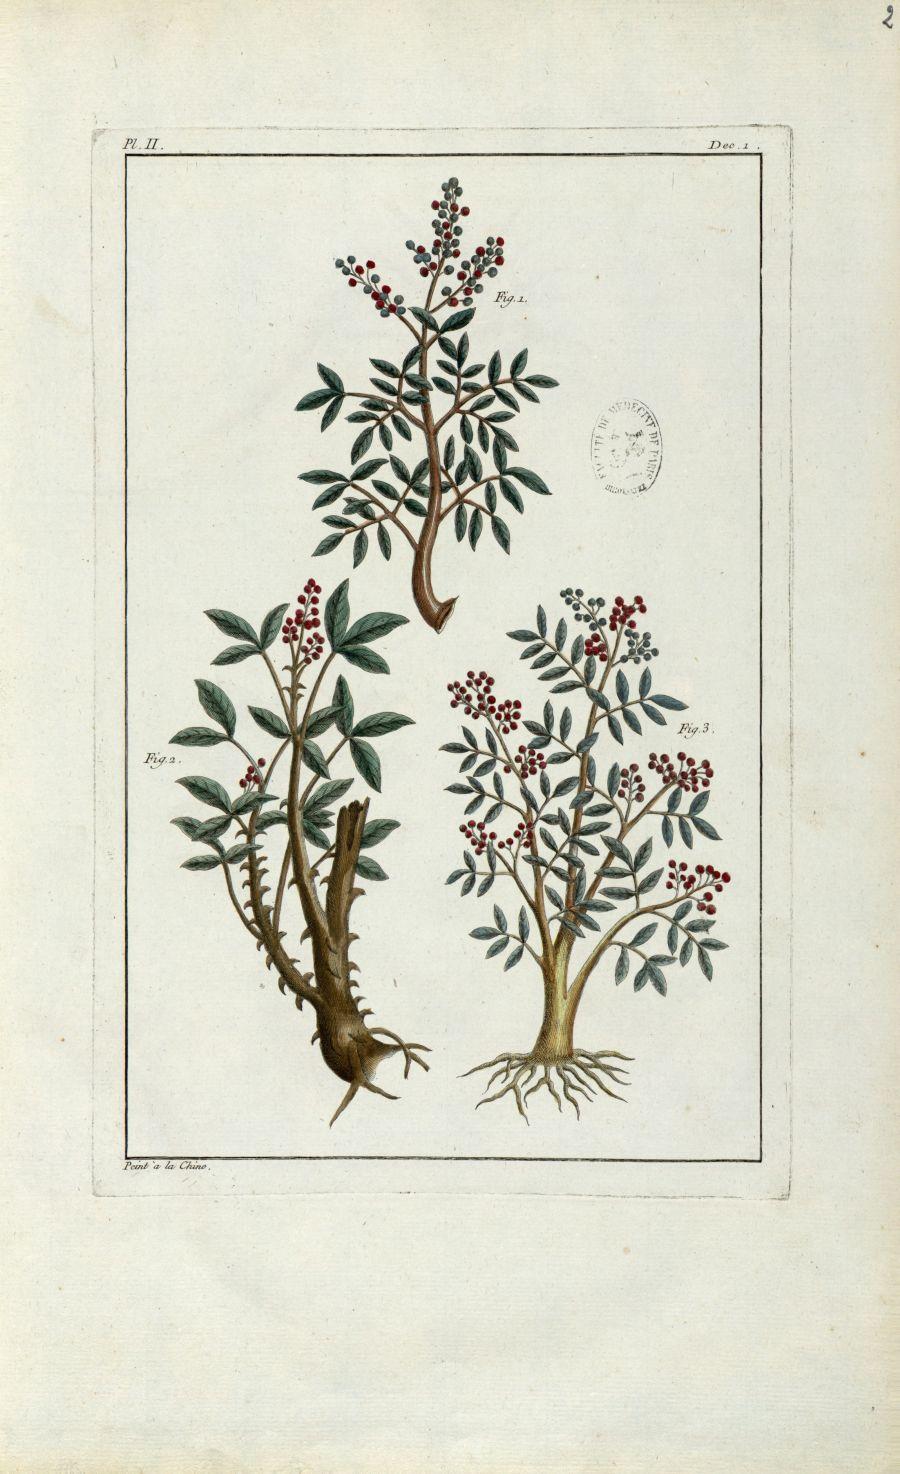 Planche II - Botanique. Plantes (médecine). Chine. 18e siècle - med01989x0005